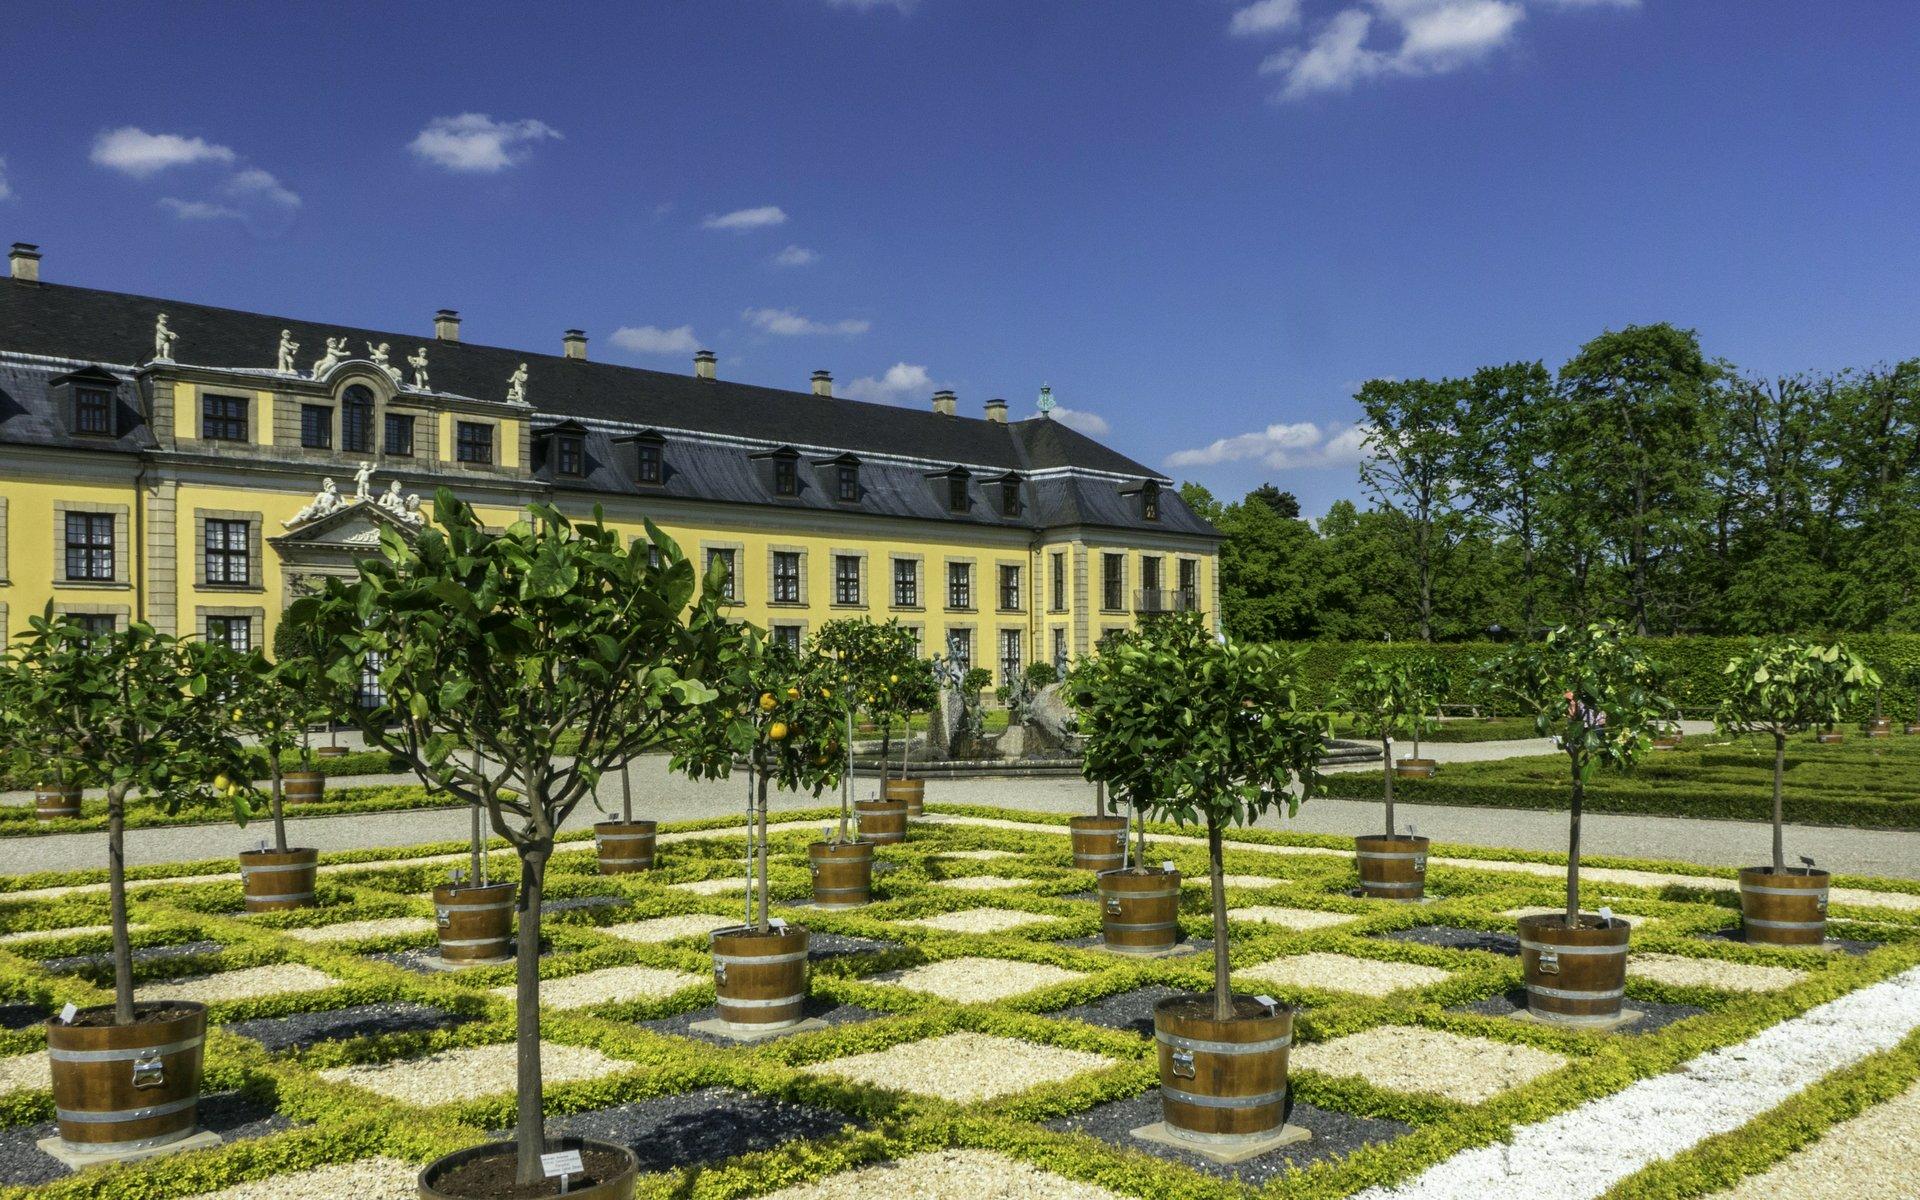 Orangeriegarten im Großen Garten